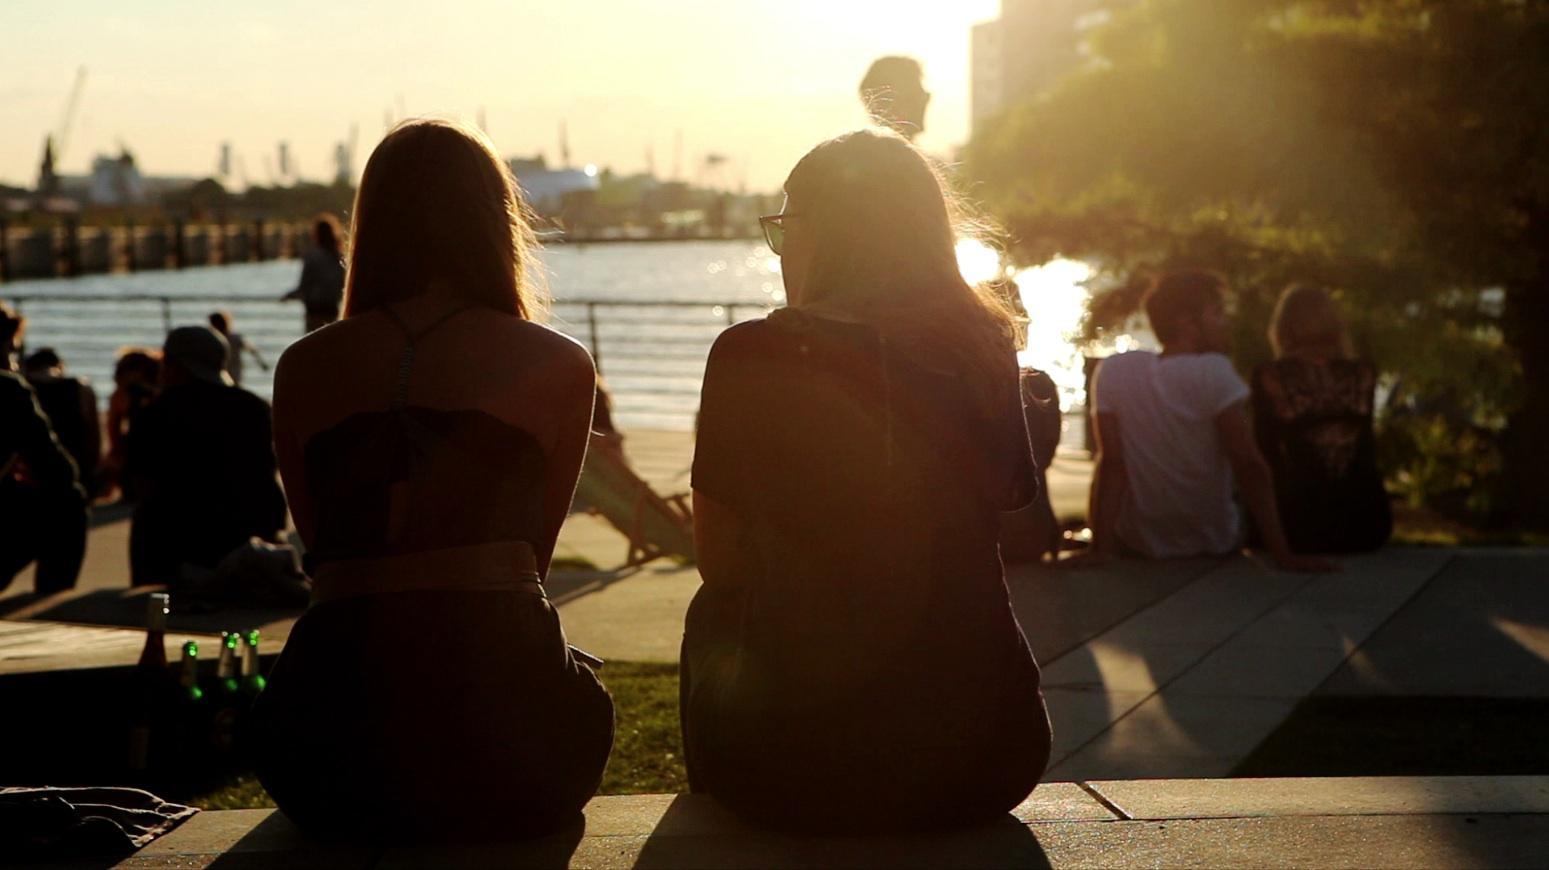 Music Public Chill 2013 – Summerbeats in der Hamburger HafenCity. © spothits/mhoch4tv